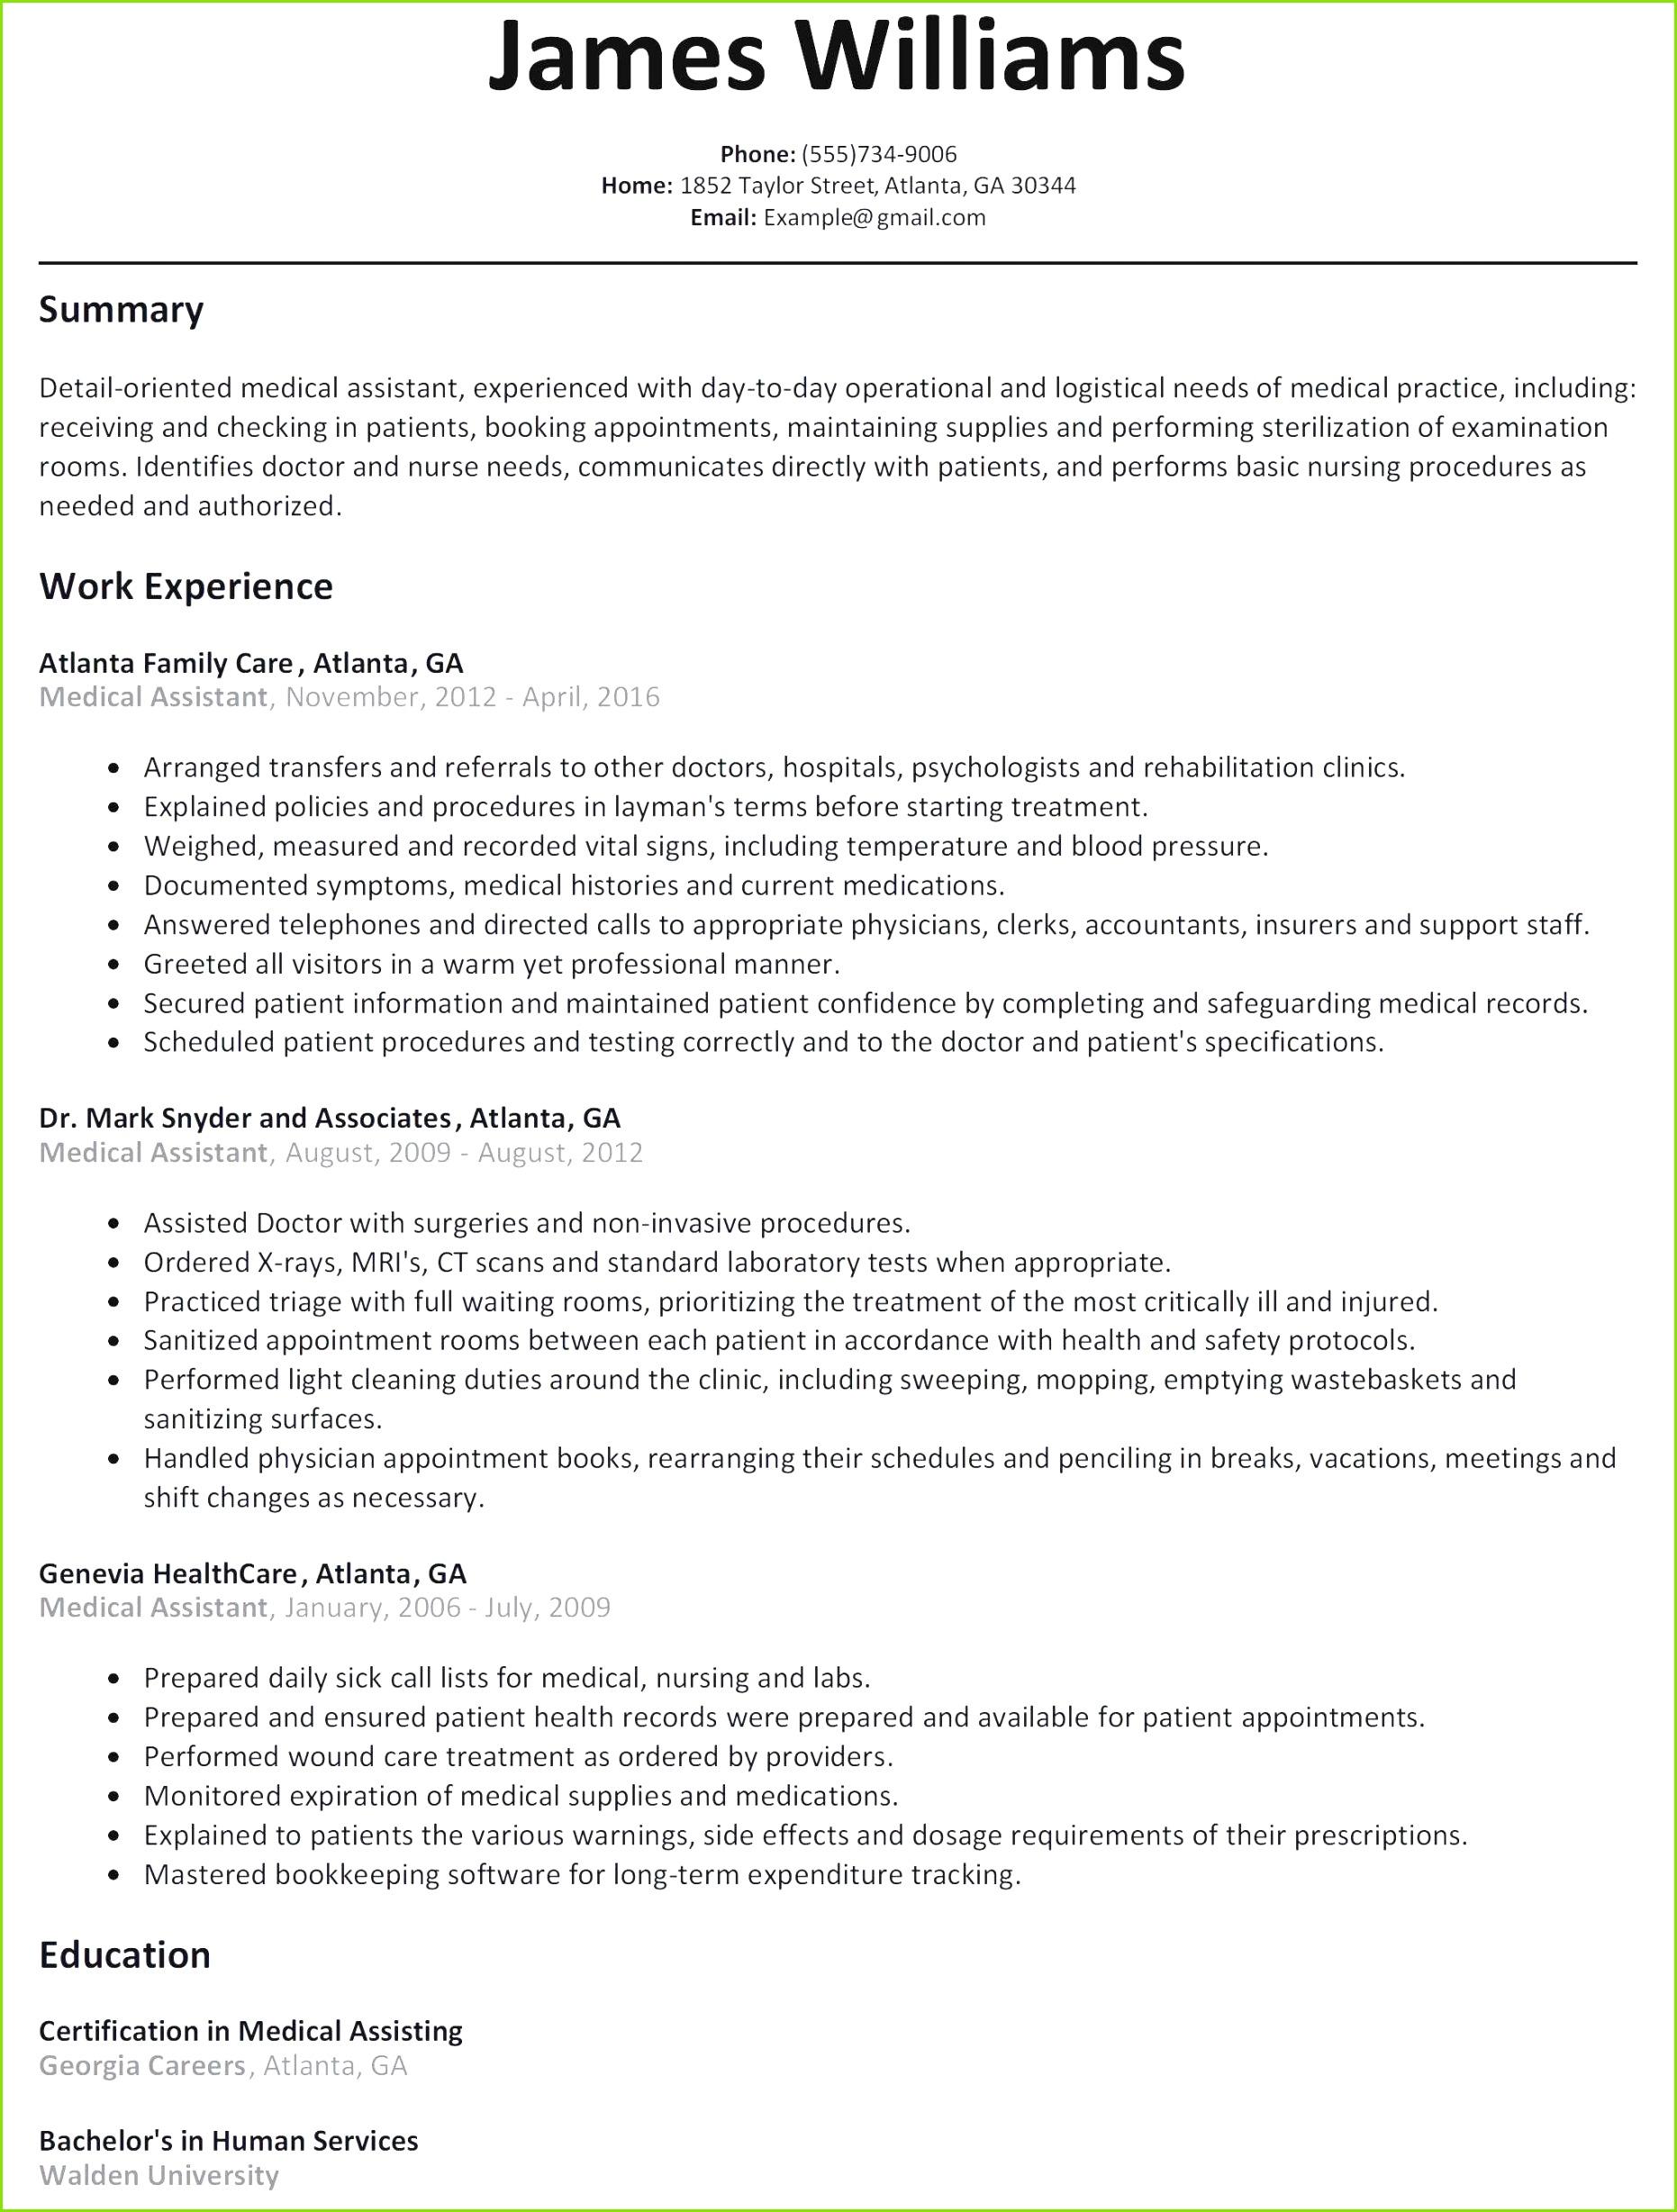 Untermietvertrag Muster Für Jobcenter Herunterladbare Neues Mietvertrag Vorlage Word 27 Editierbar Untermietvertrag Muster Für Jobcenter